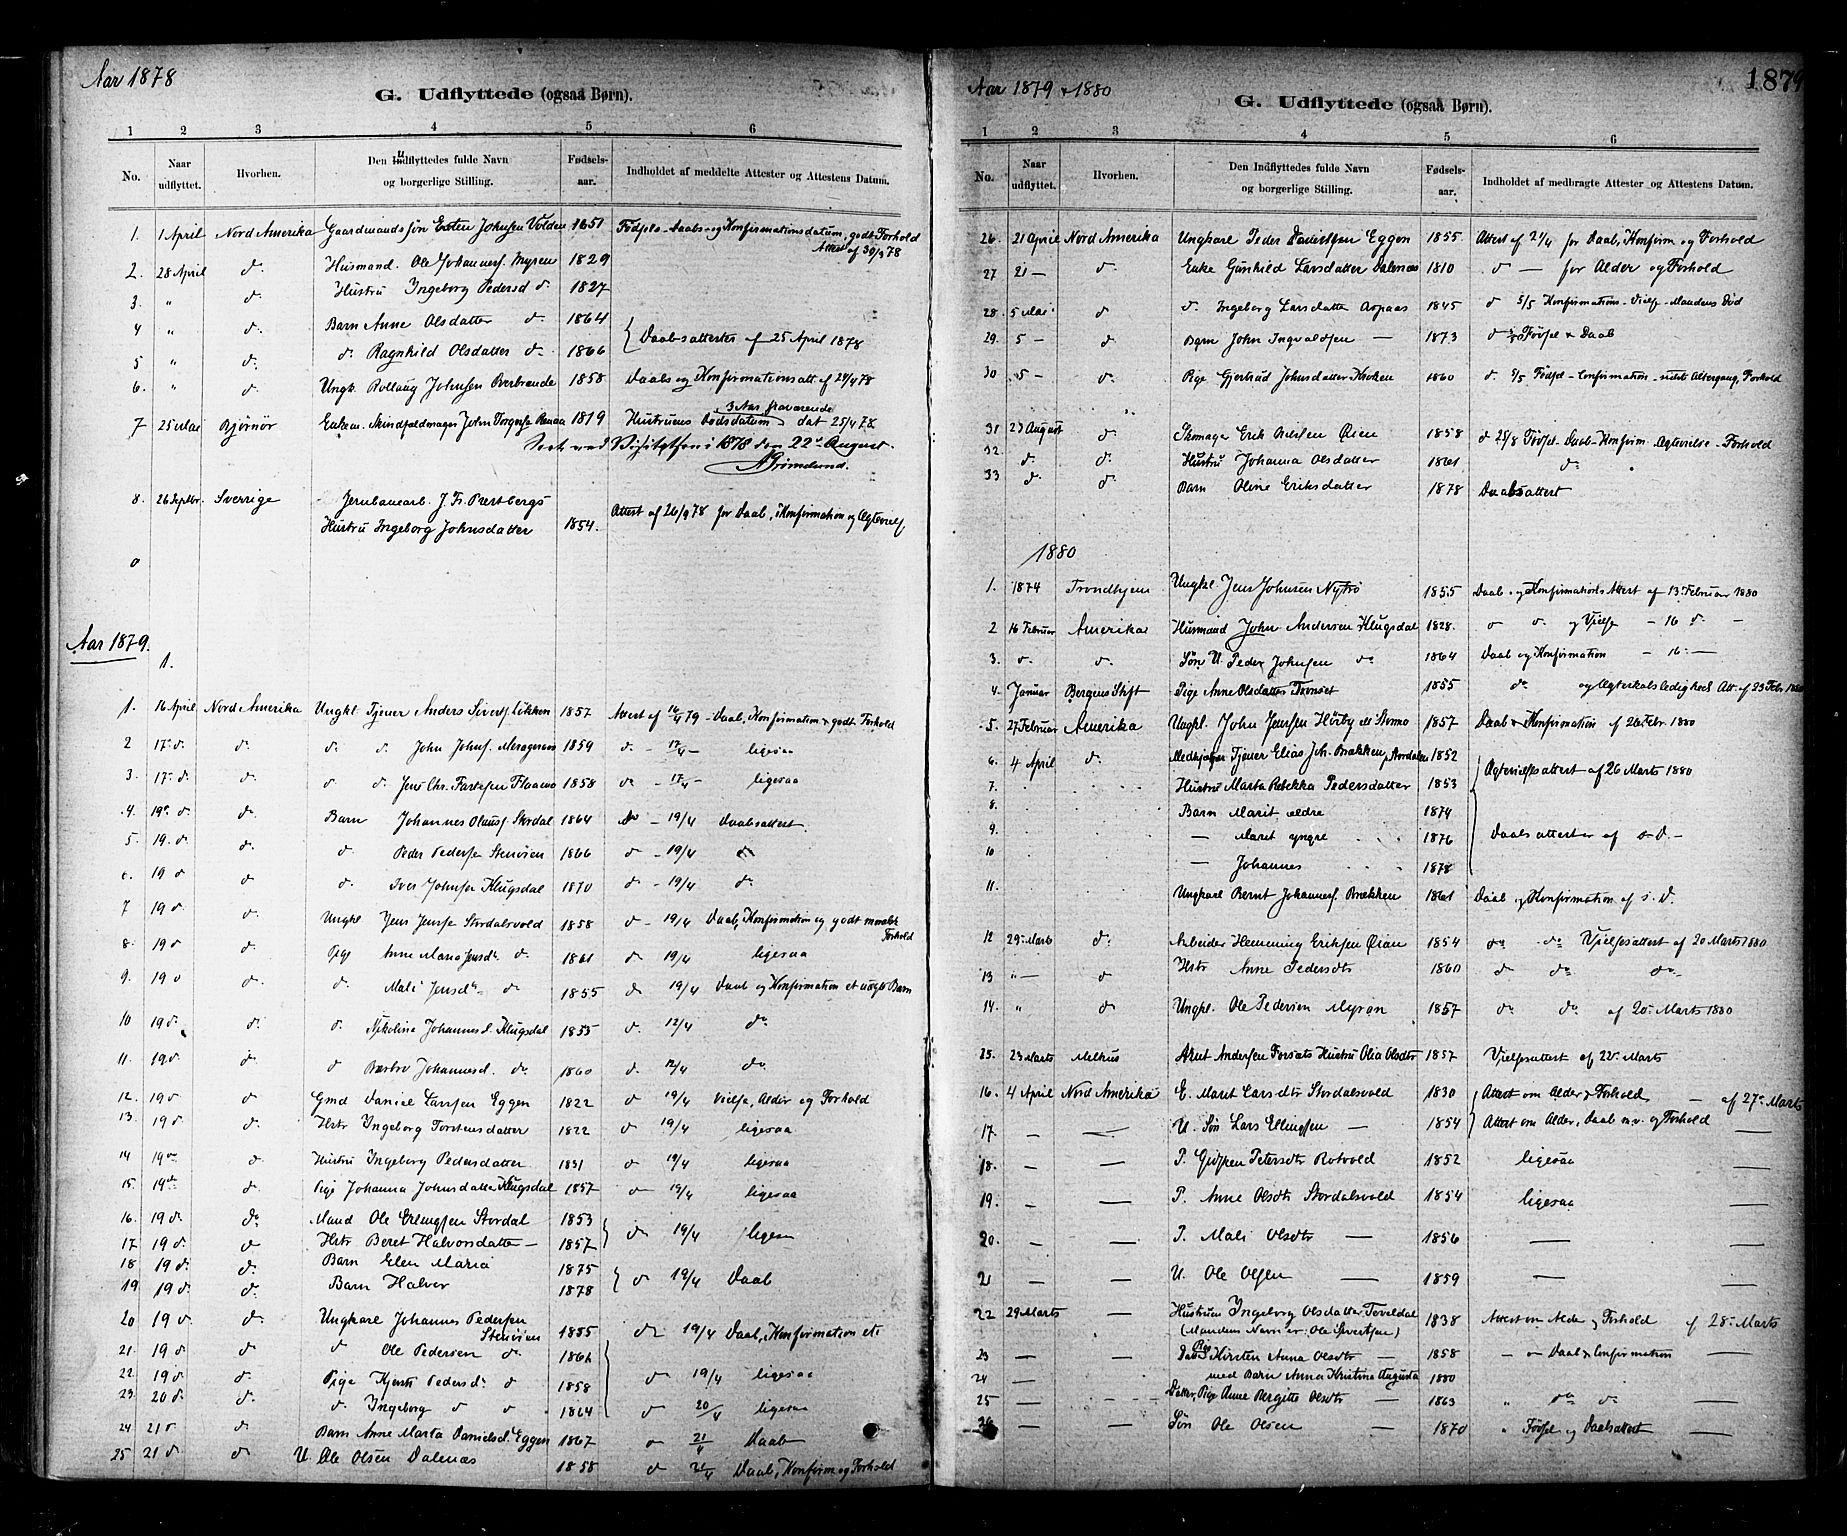 SAT, Ministerialprotokoller, klokkerbøker og fødselsregistre - Nord-Trøndelag, 706/L0047: Ministerialbok nr. 706A03, 1878-1892, s. 187